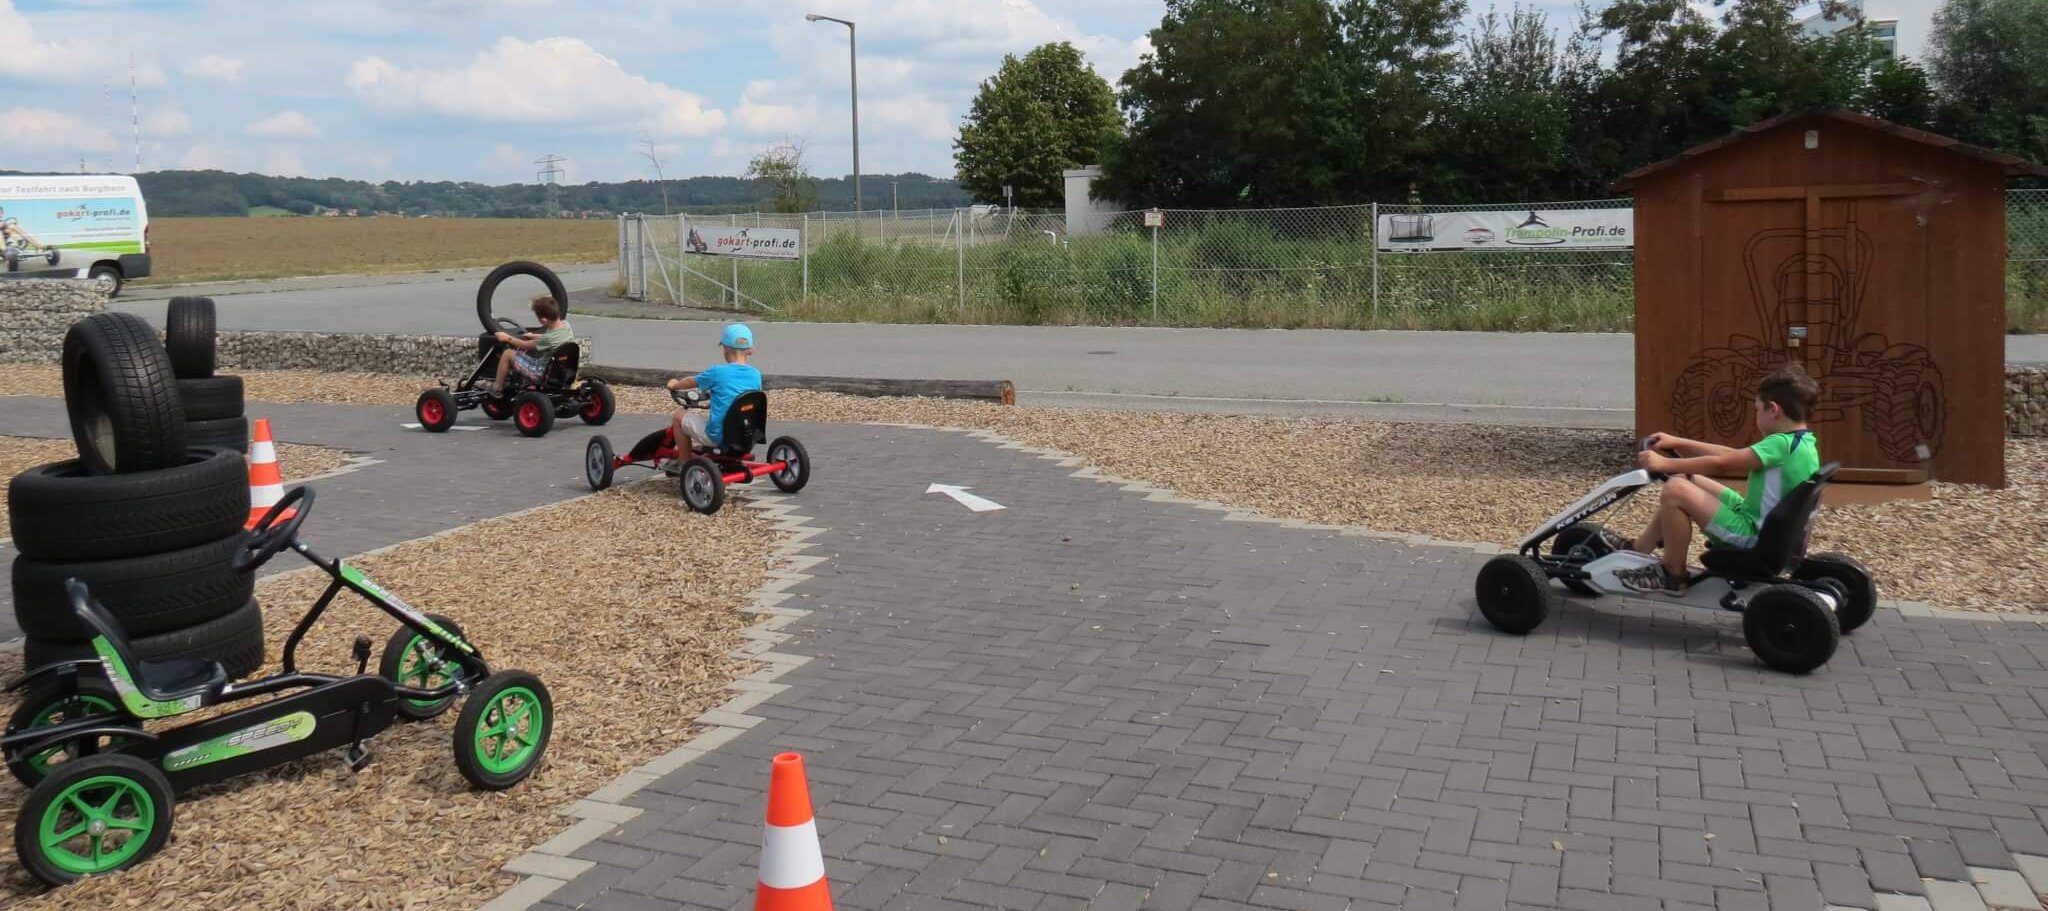 Sommer Kindergeburtstag: wie wäre es mit einer Party auf der Kettcar Bahn - trampolin-profi.de